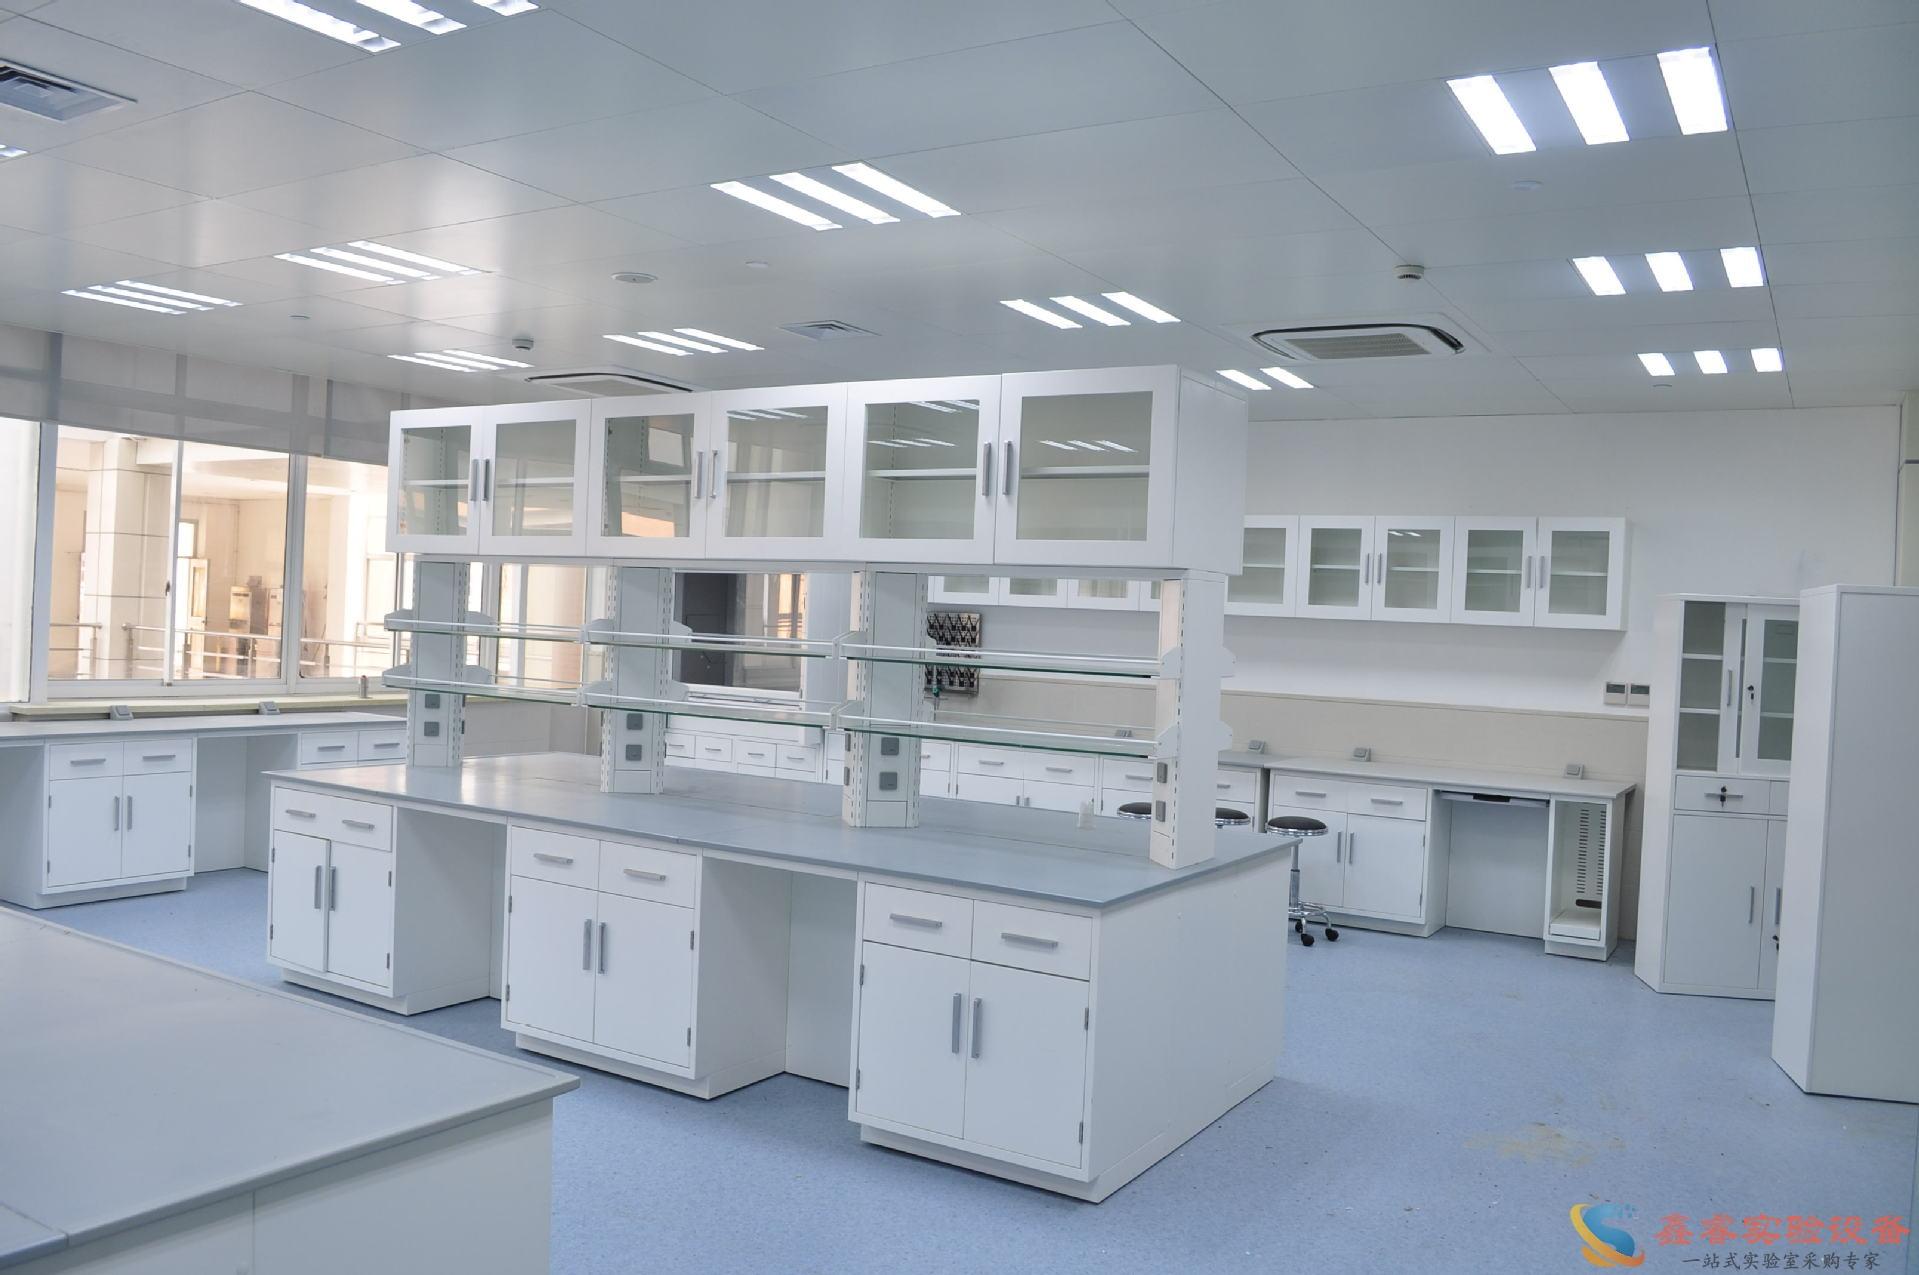 实验室建设整体解决方案